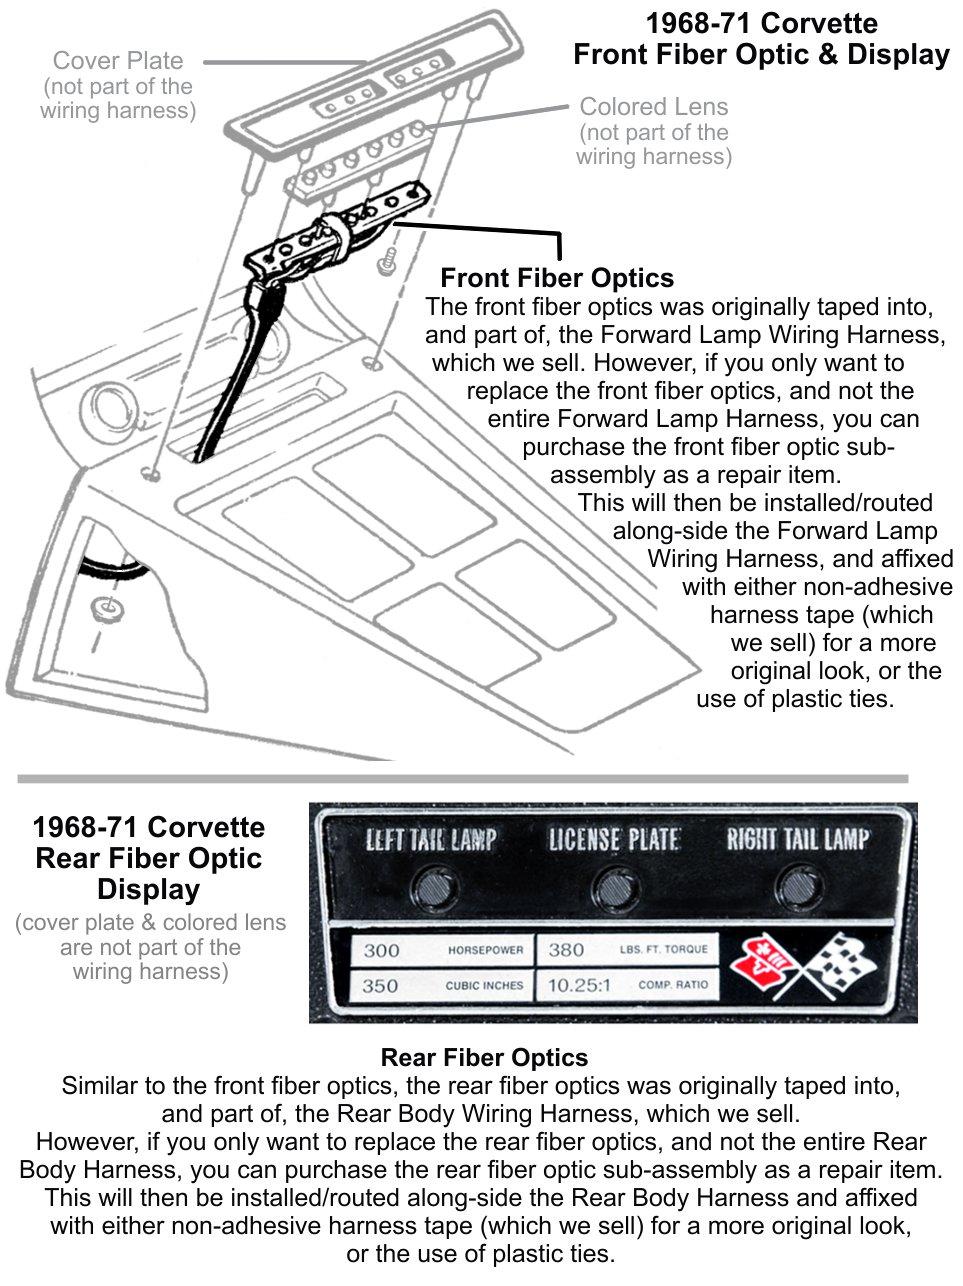 medium resolution of fiber optic repair components 1968 71 corvette